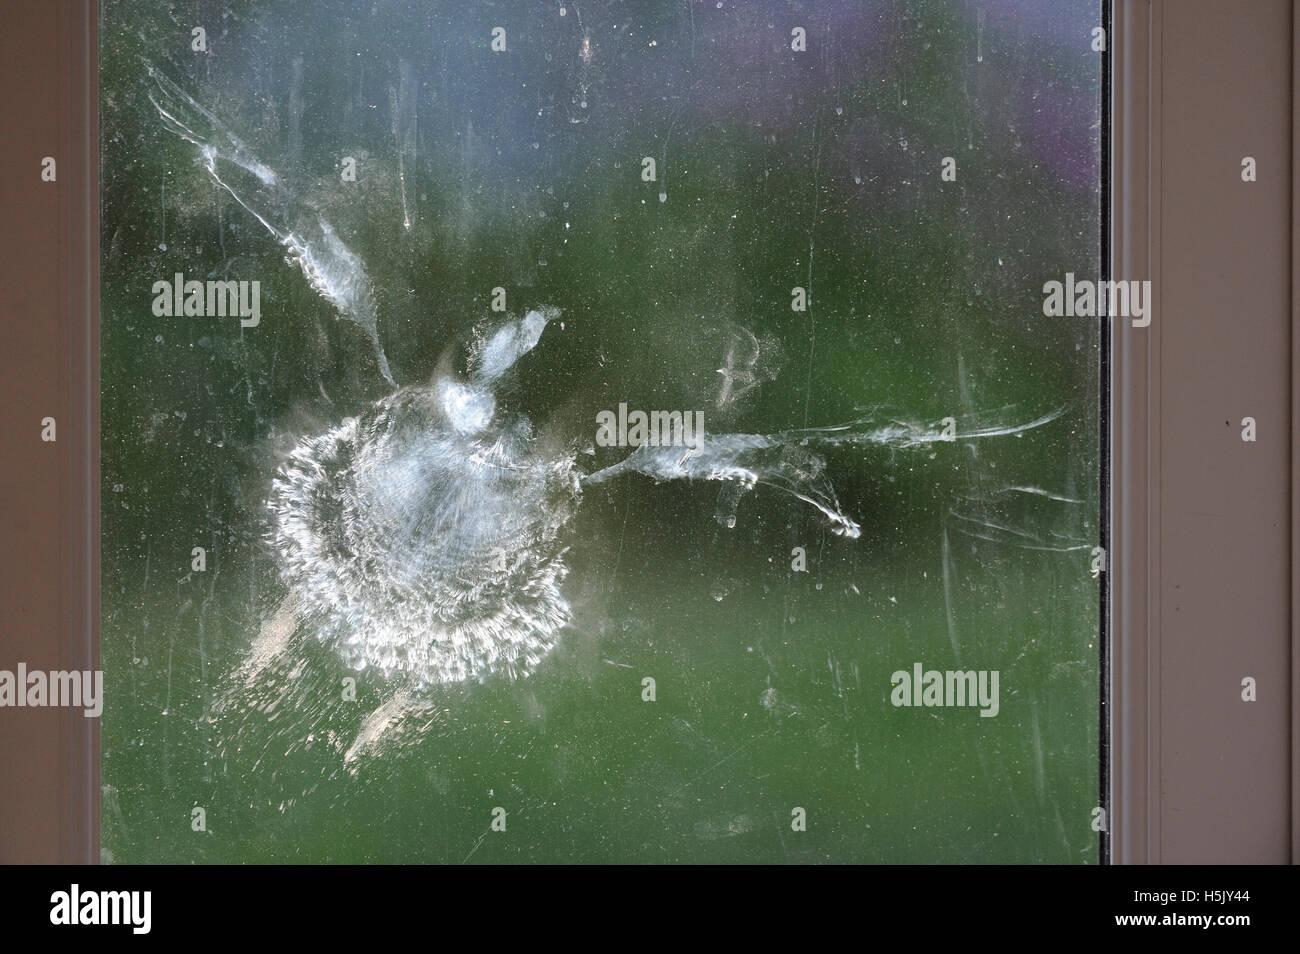 Profilo di uccello, woodpigeon, a sinistra sulla finestra, una piuma polvere impronta sul vetro Immagini Stock